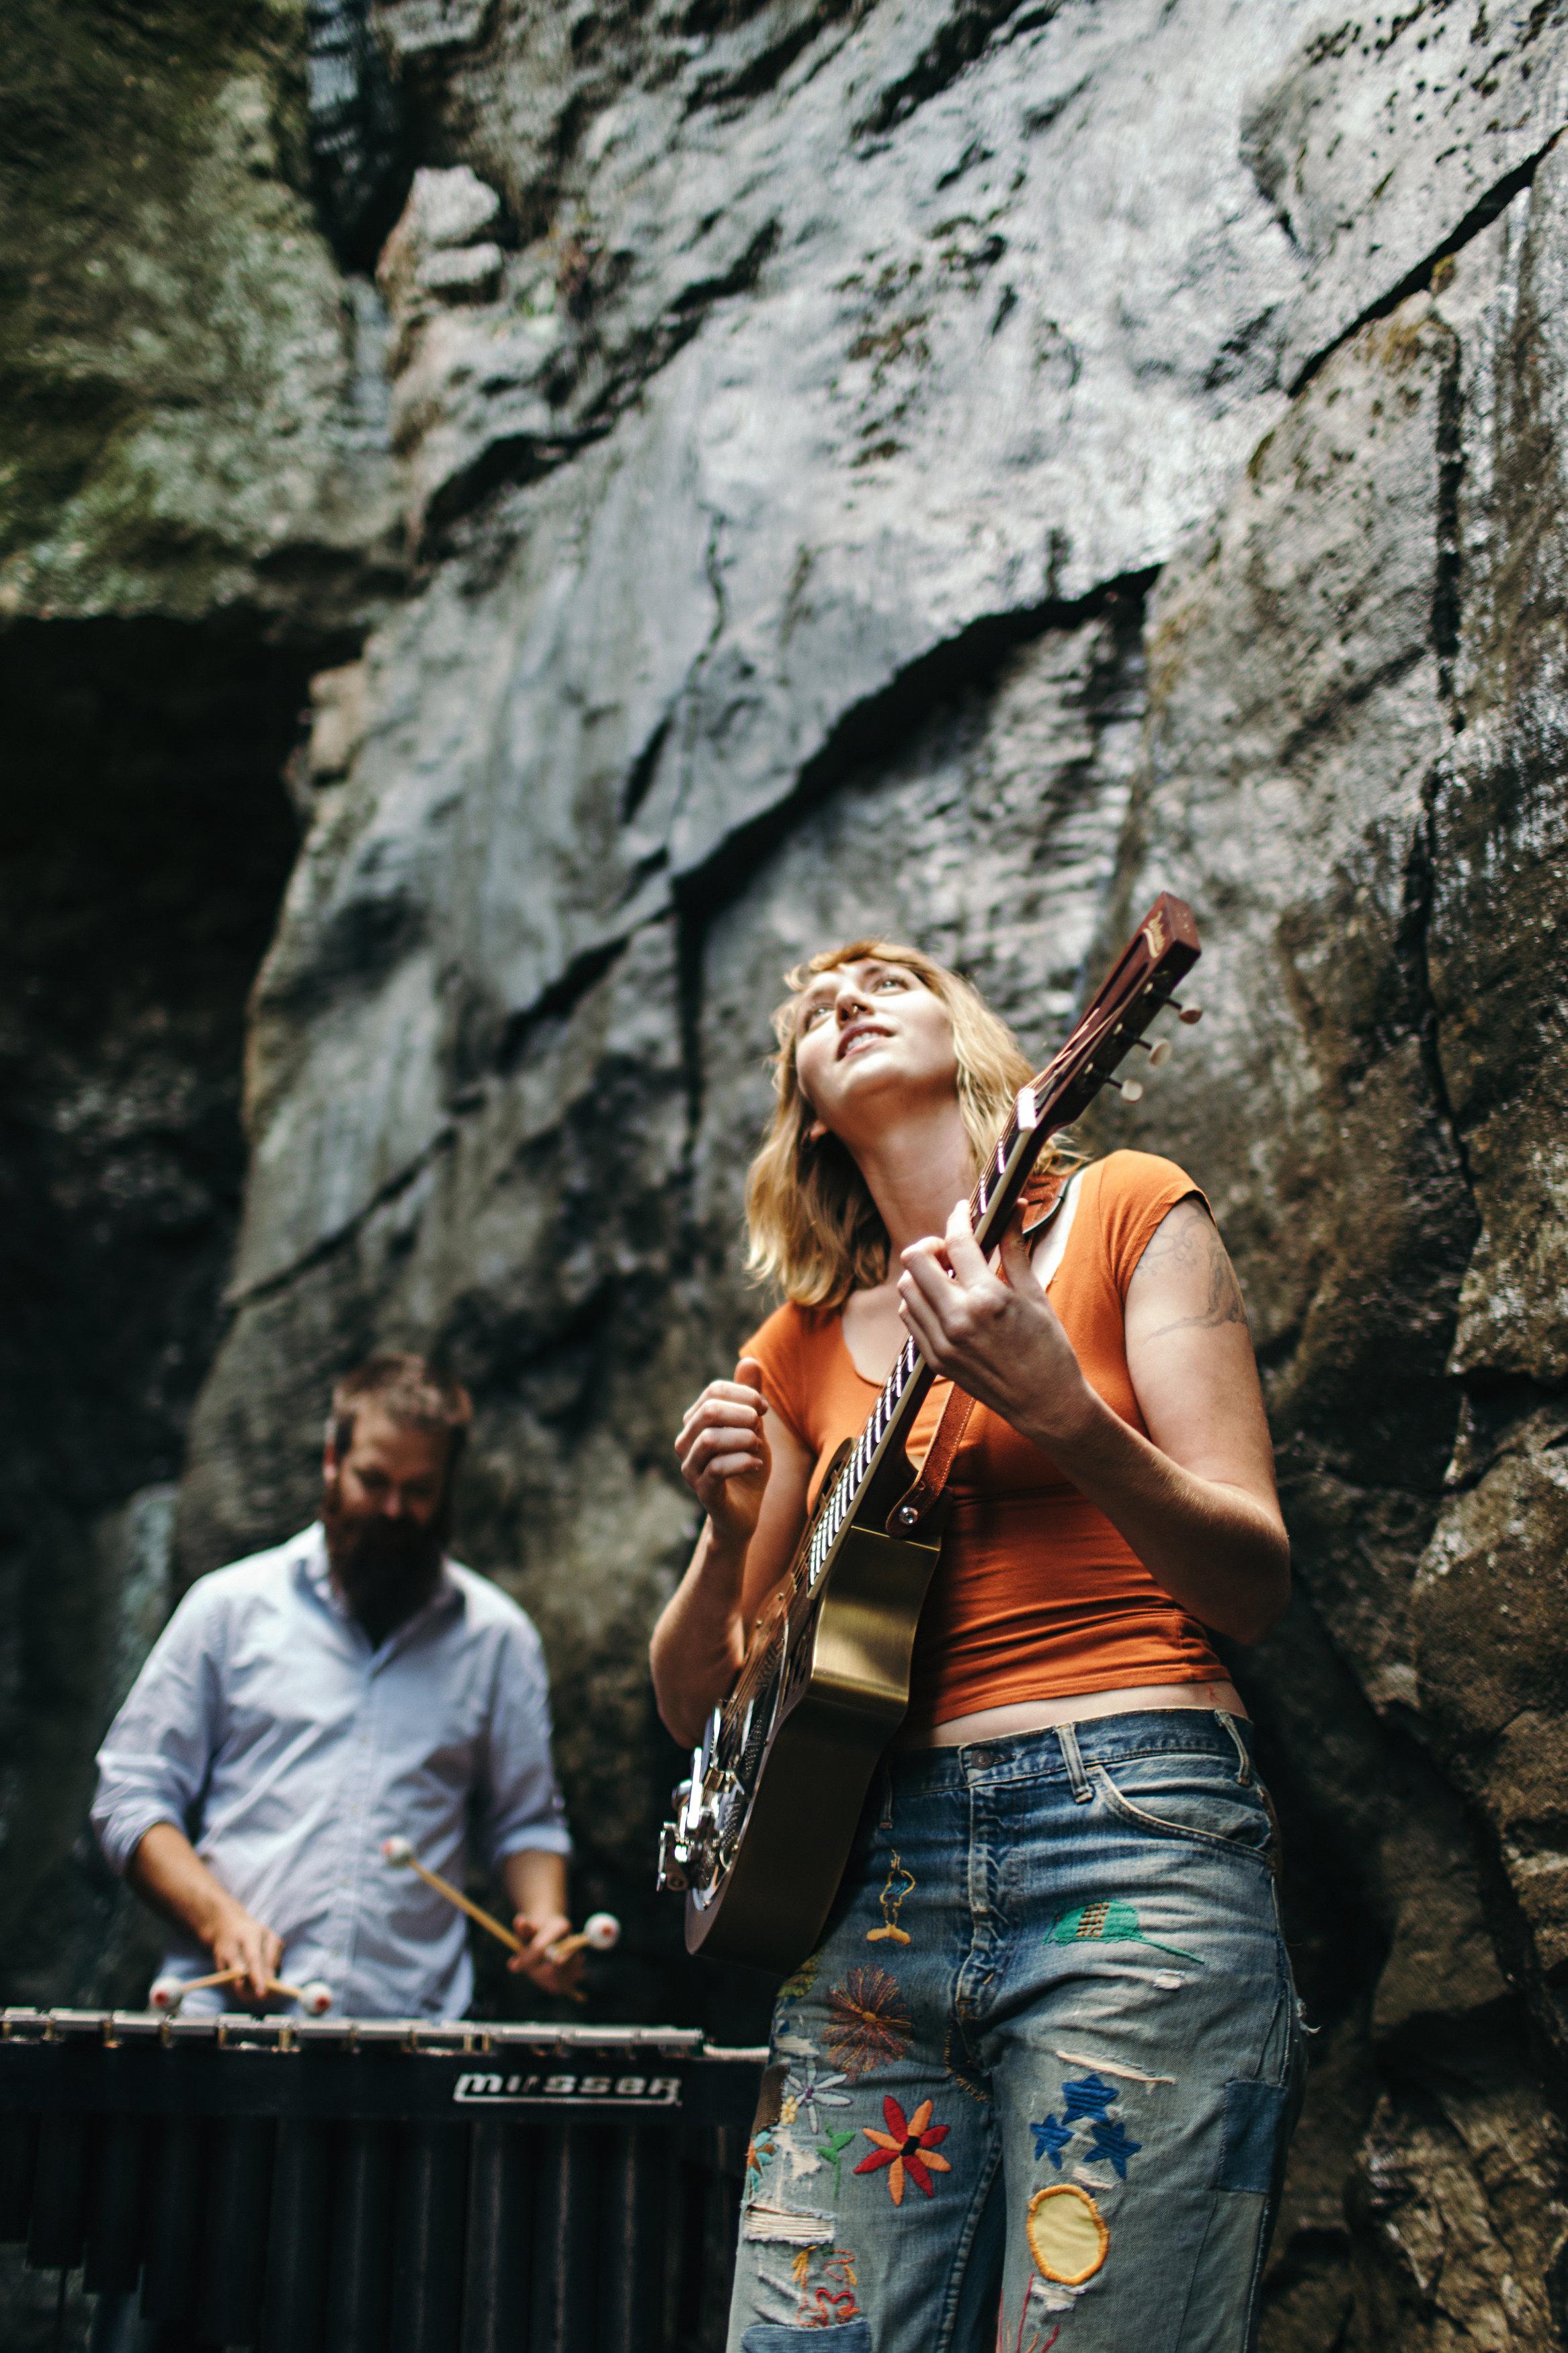 Dana-and-Adams-duo-in-cave.jpg